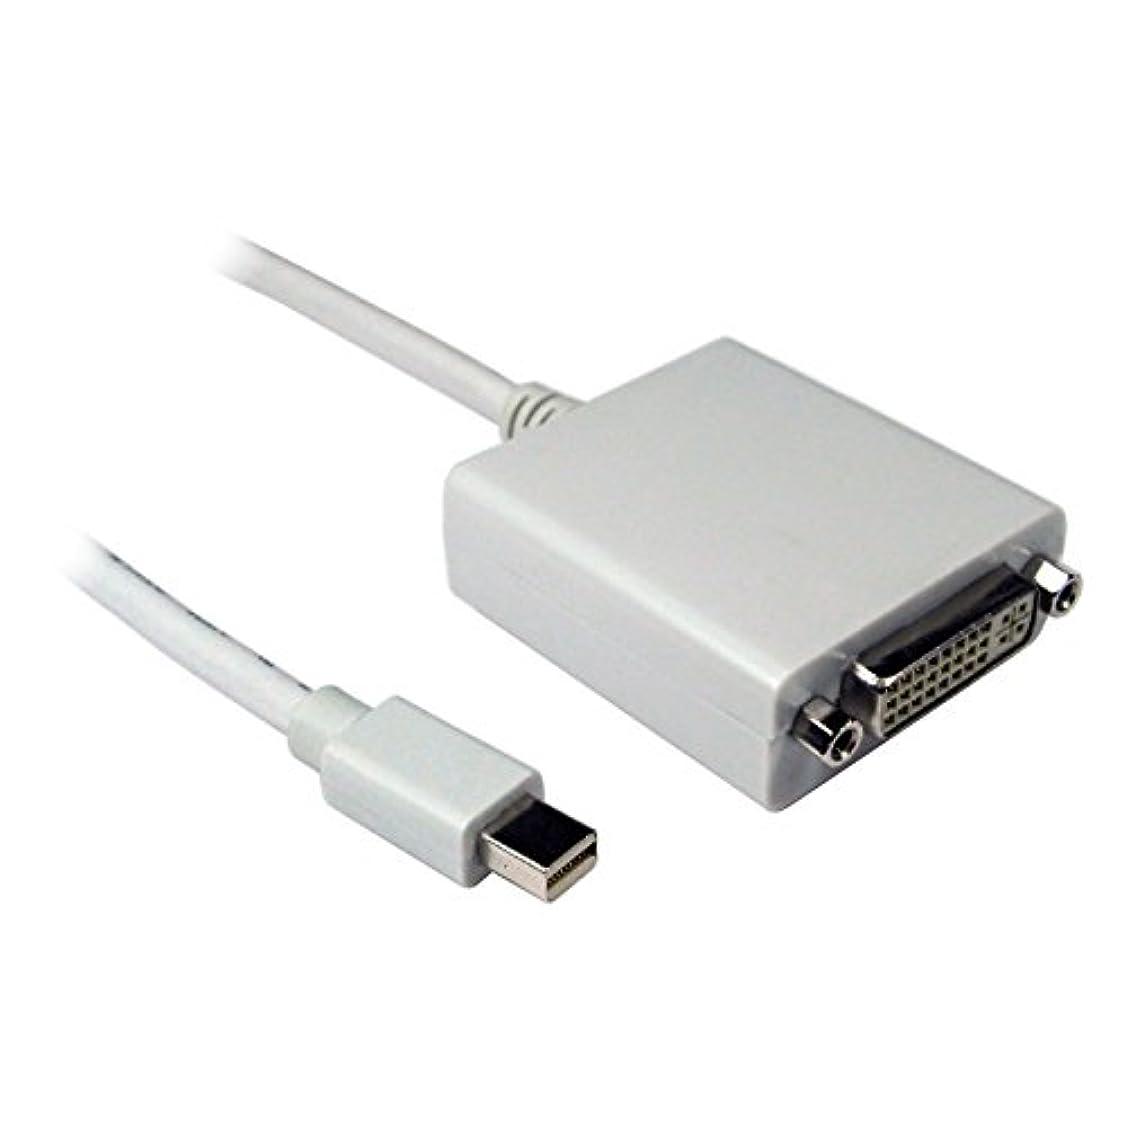 証明する講師二十kenable Mini Displayポートプラグto DVI - Dメスソケットパッシブアダプタケーブル2 M ( ~ 6フィート)